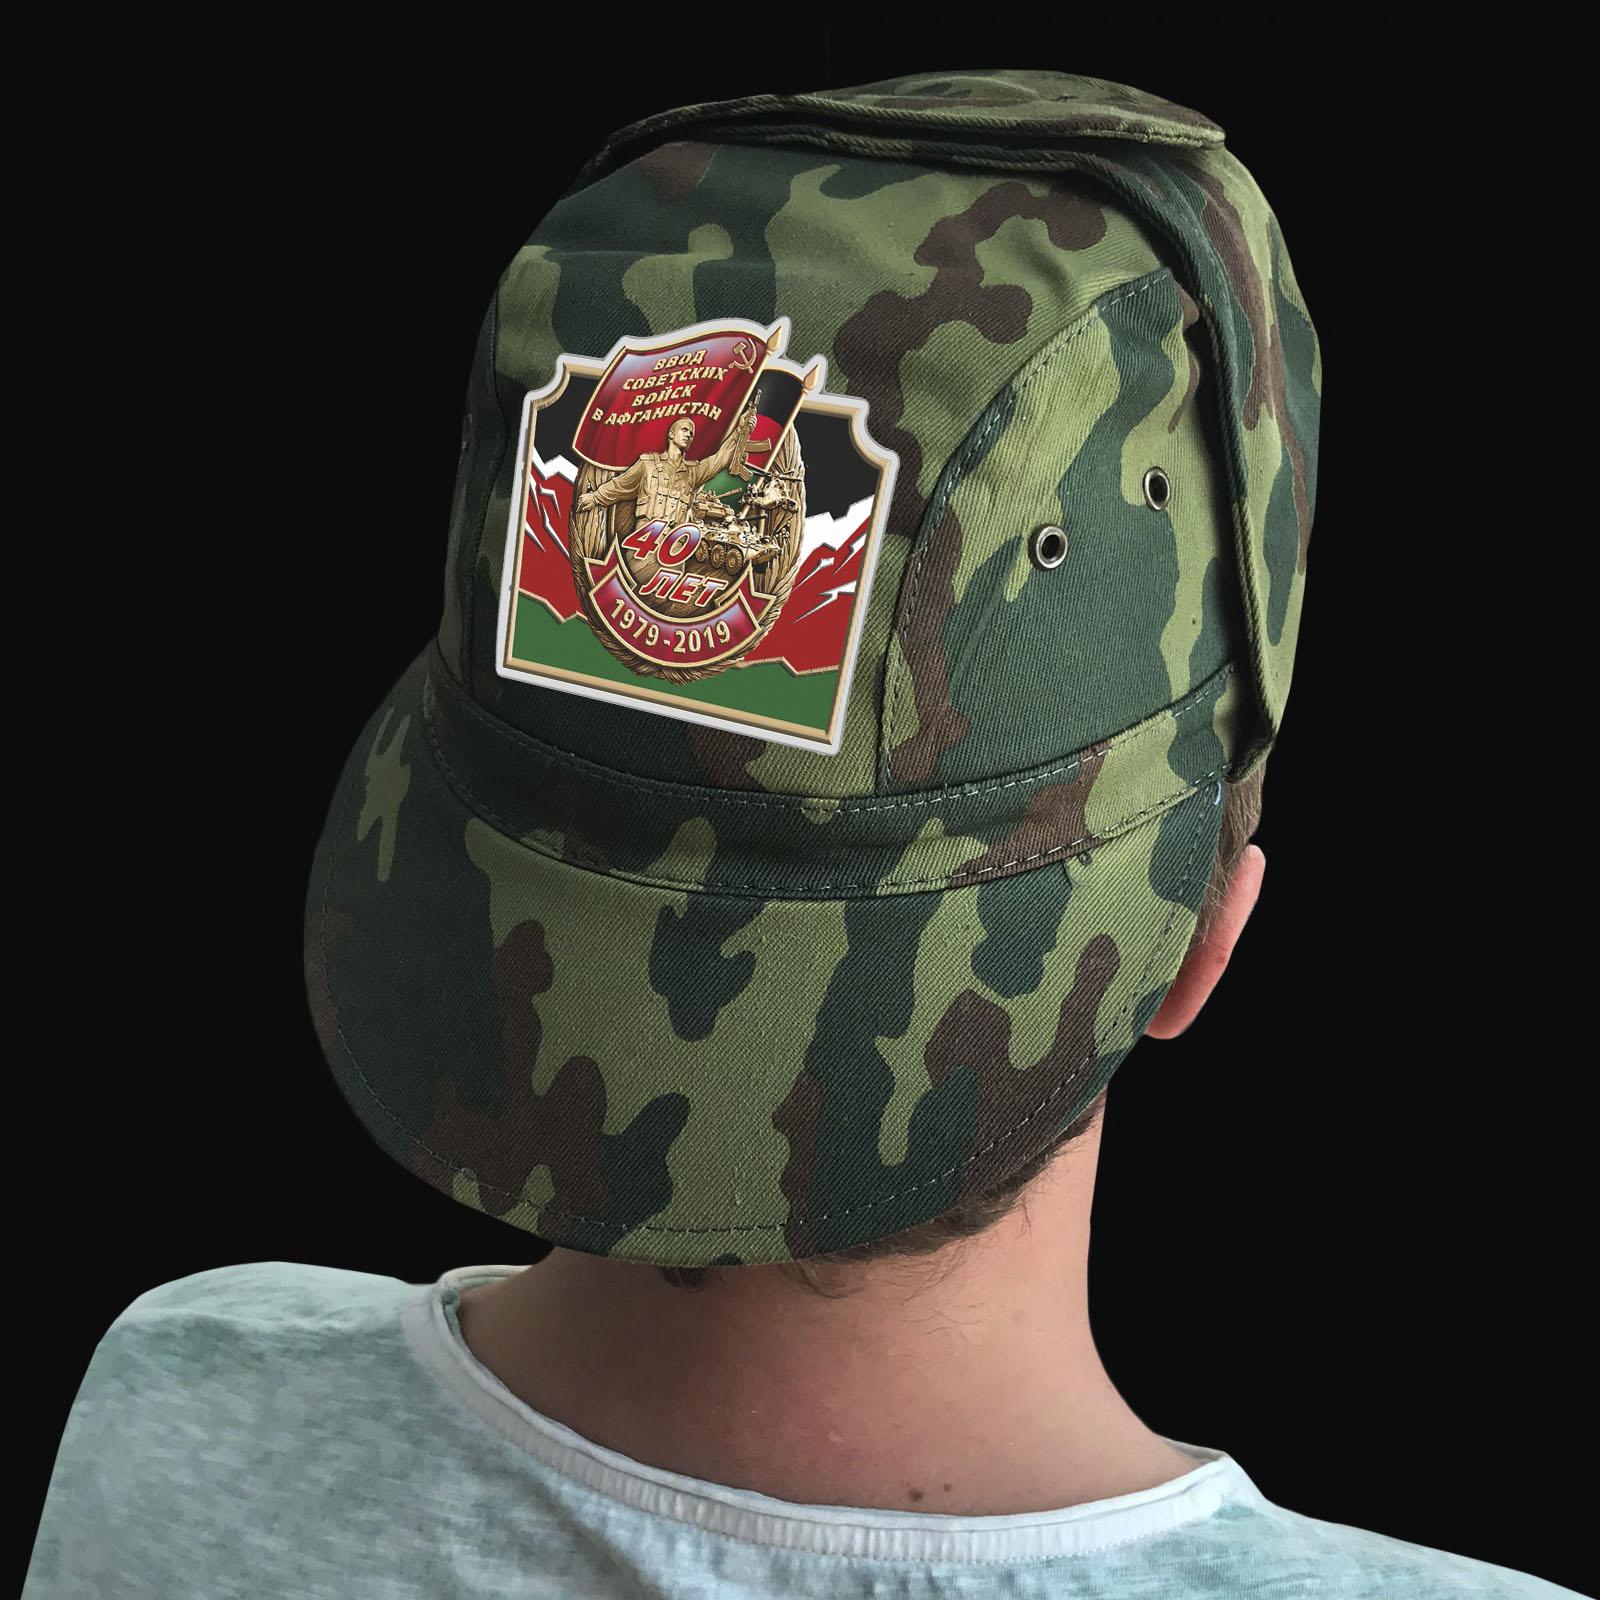 Купить тактическую кепку-камуфляж с афганской термонаклейкой выгодно оптом